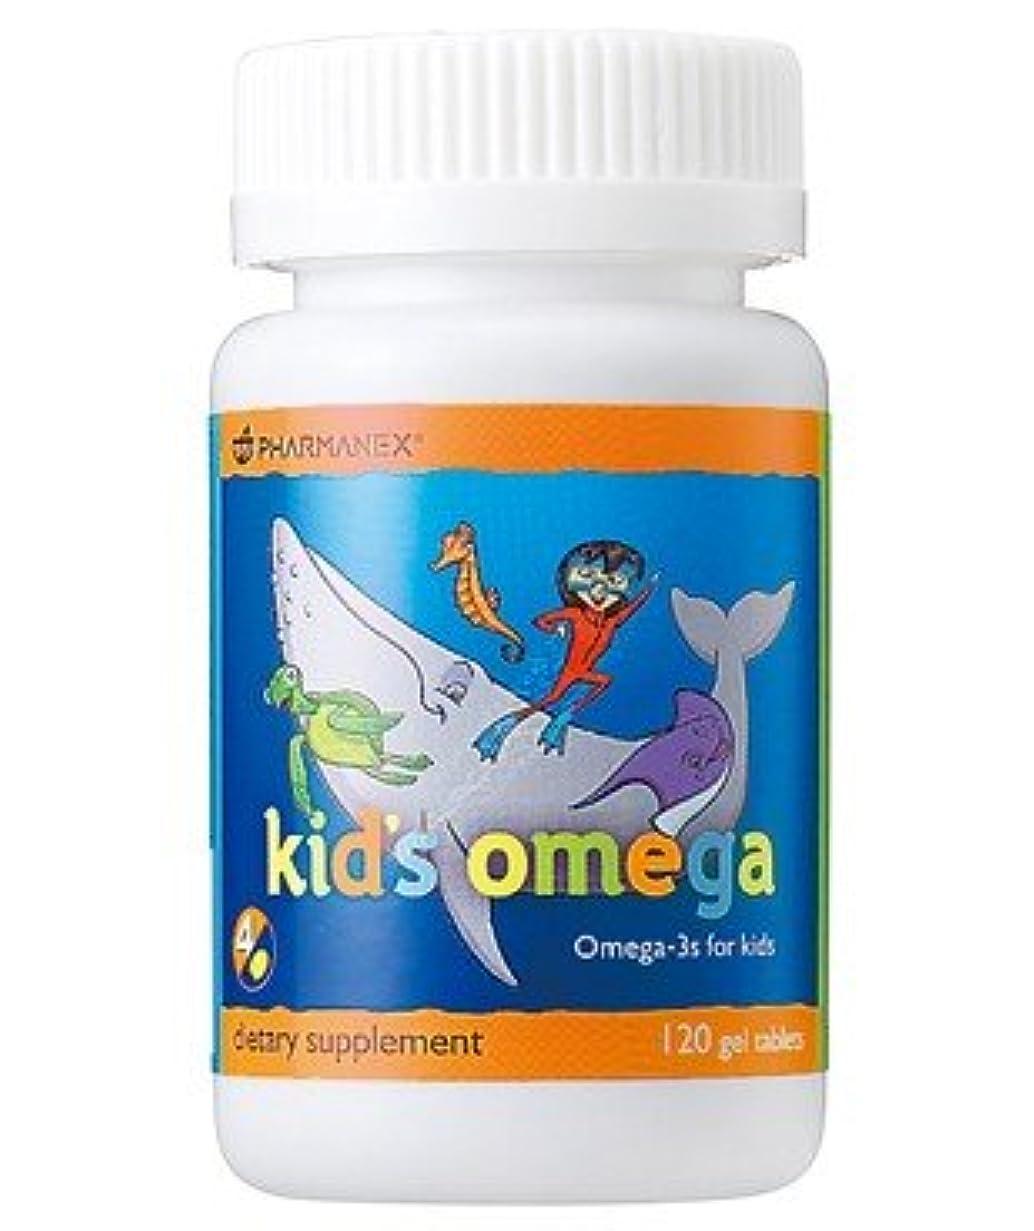 大臣タンパク質振るう子供用オメガ3系脂肪酸 キッズオメガ NUSKIN ニュースキン